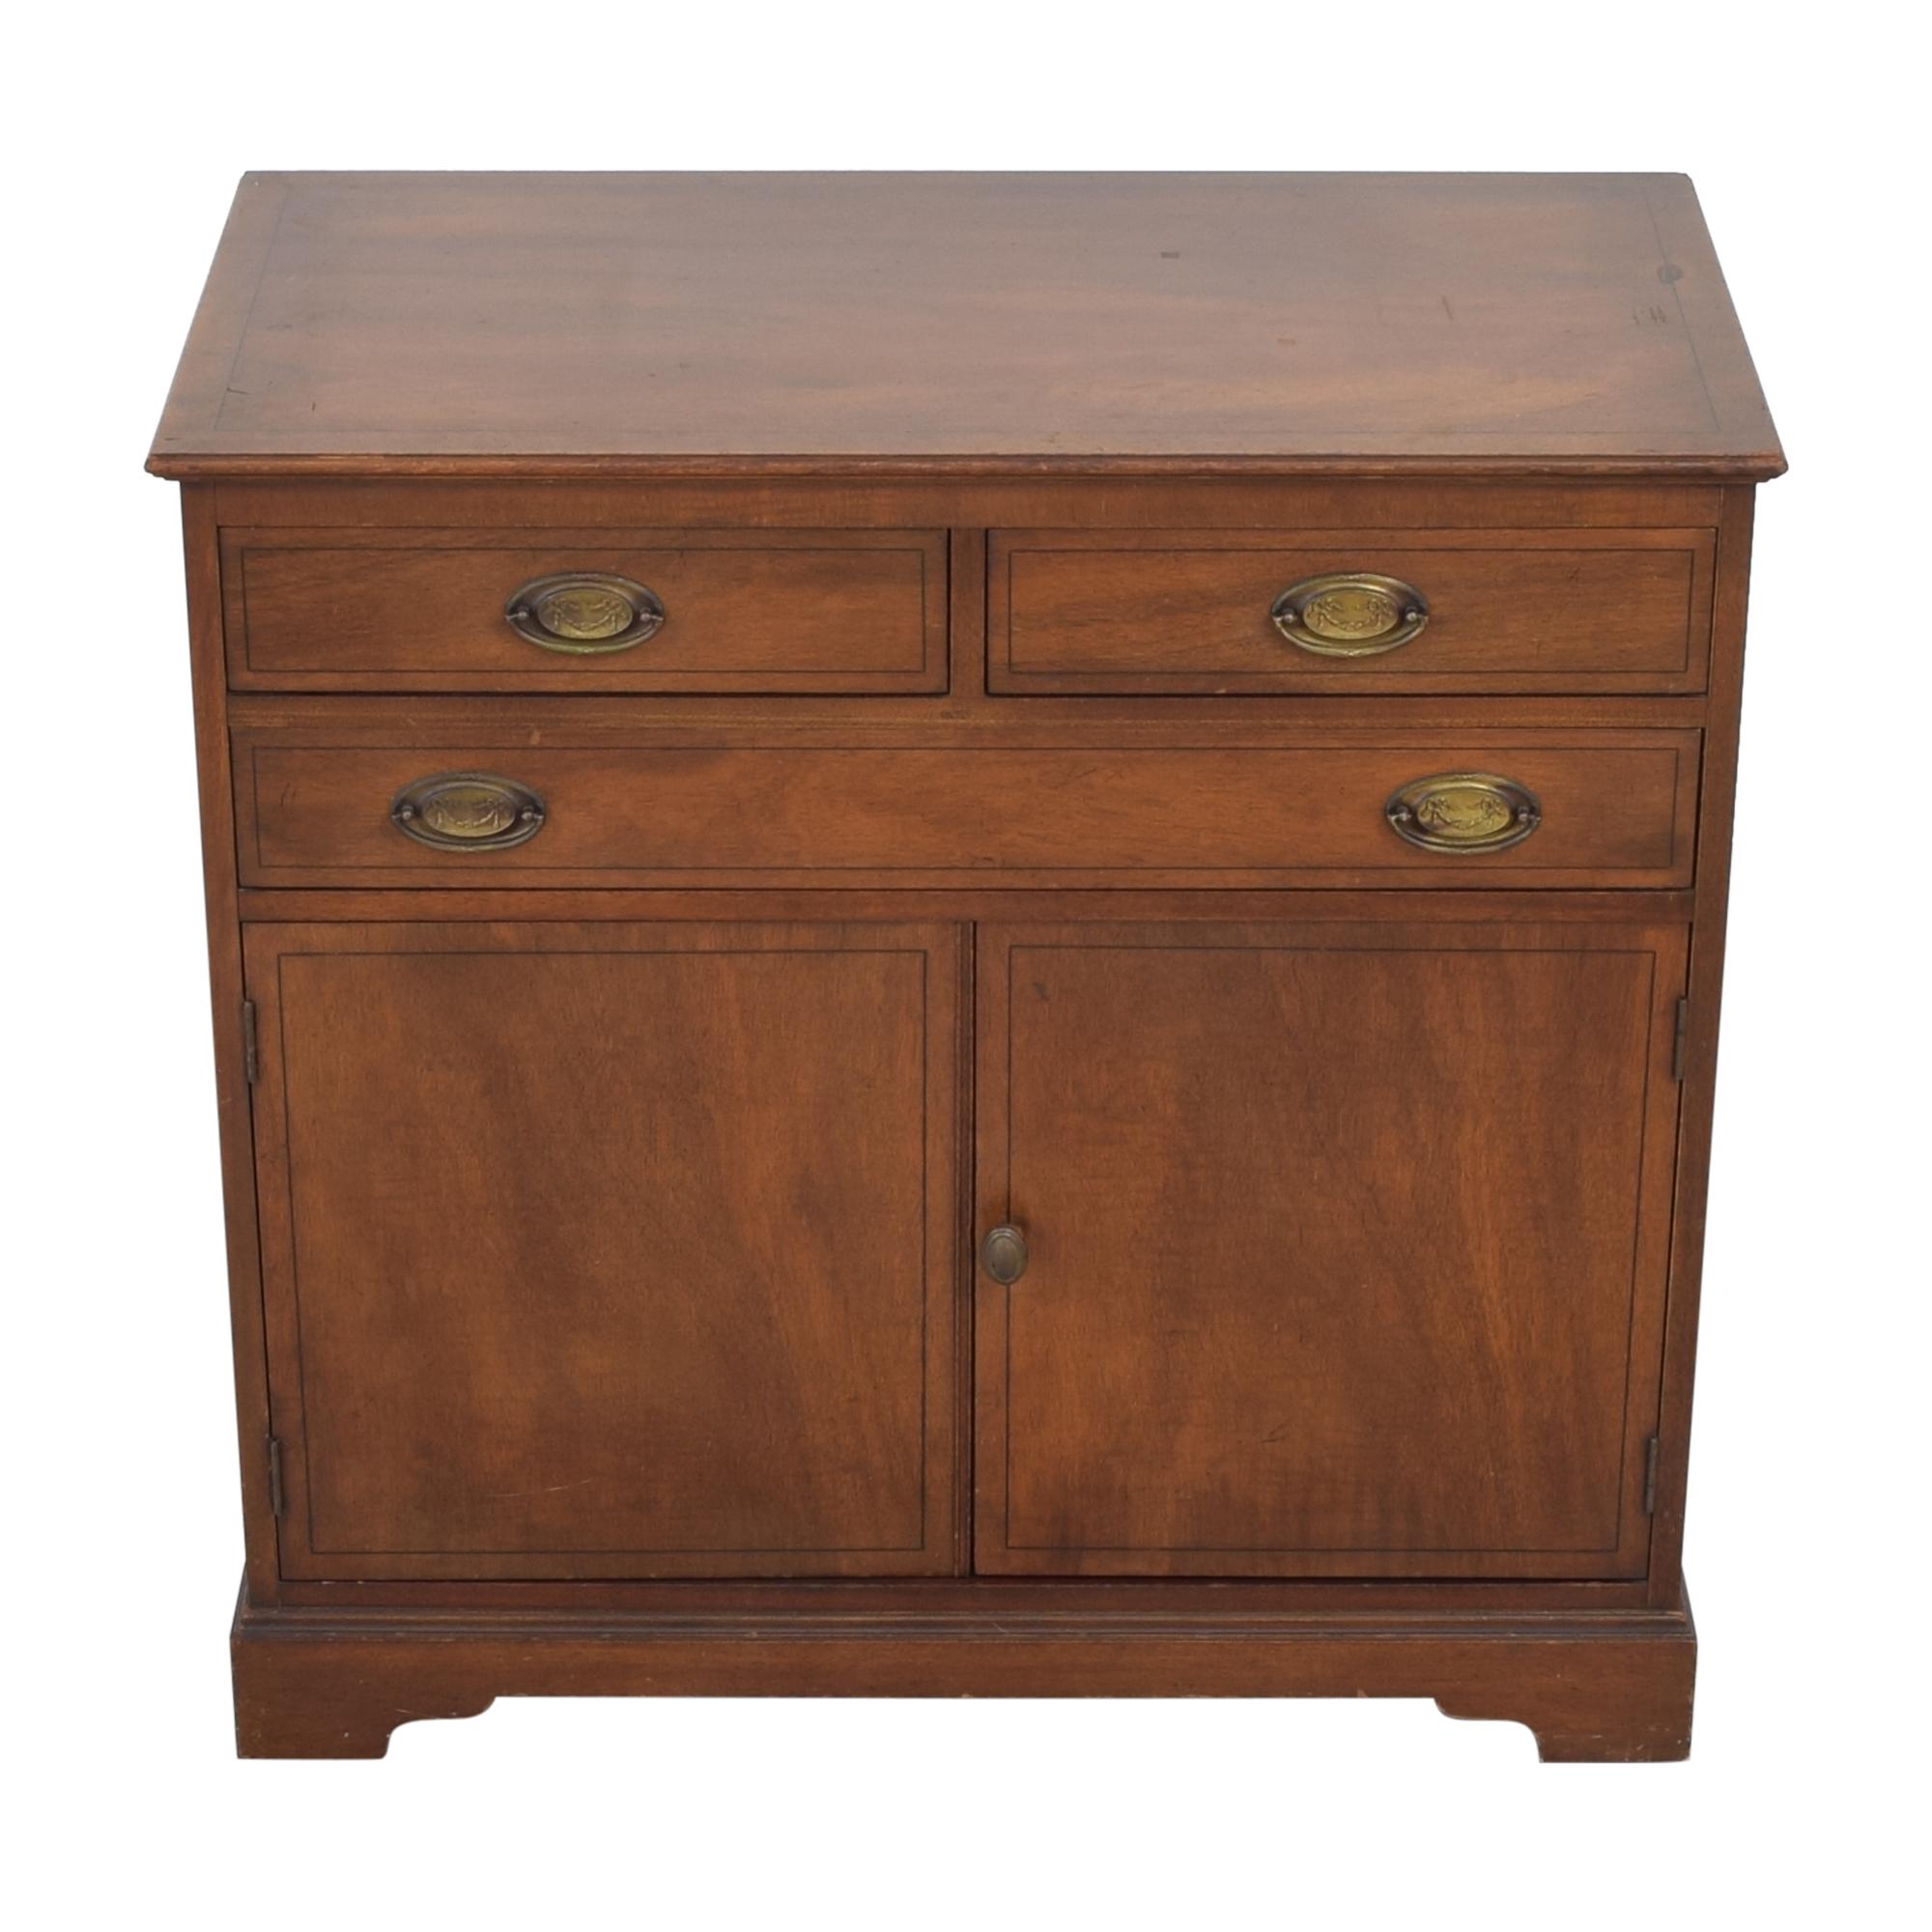 Henredon Furniture Henredon Furniture Cabinet ct